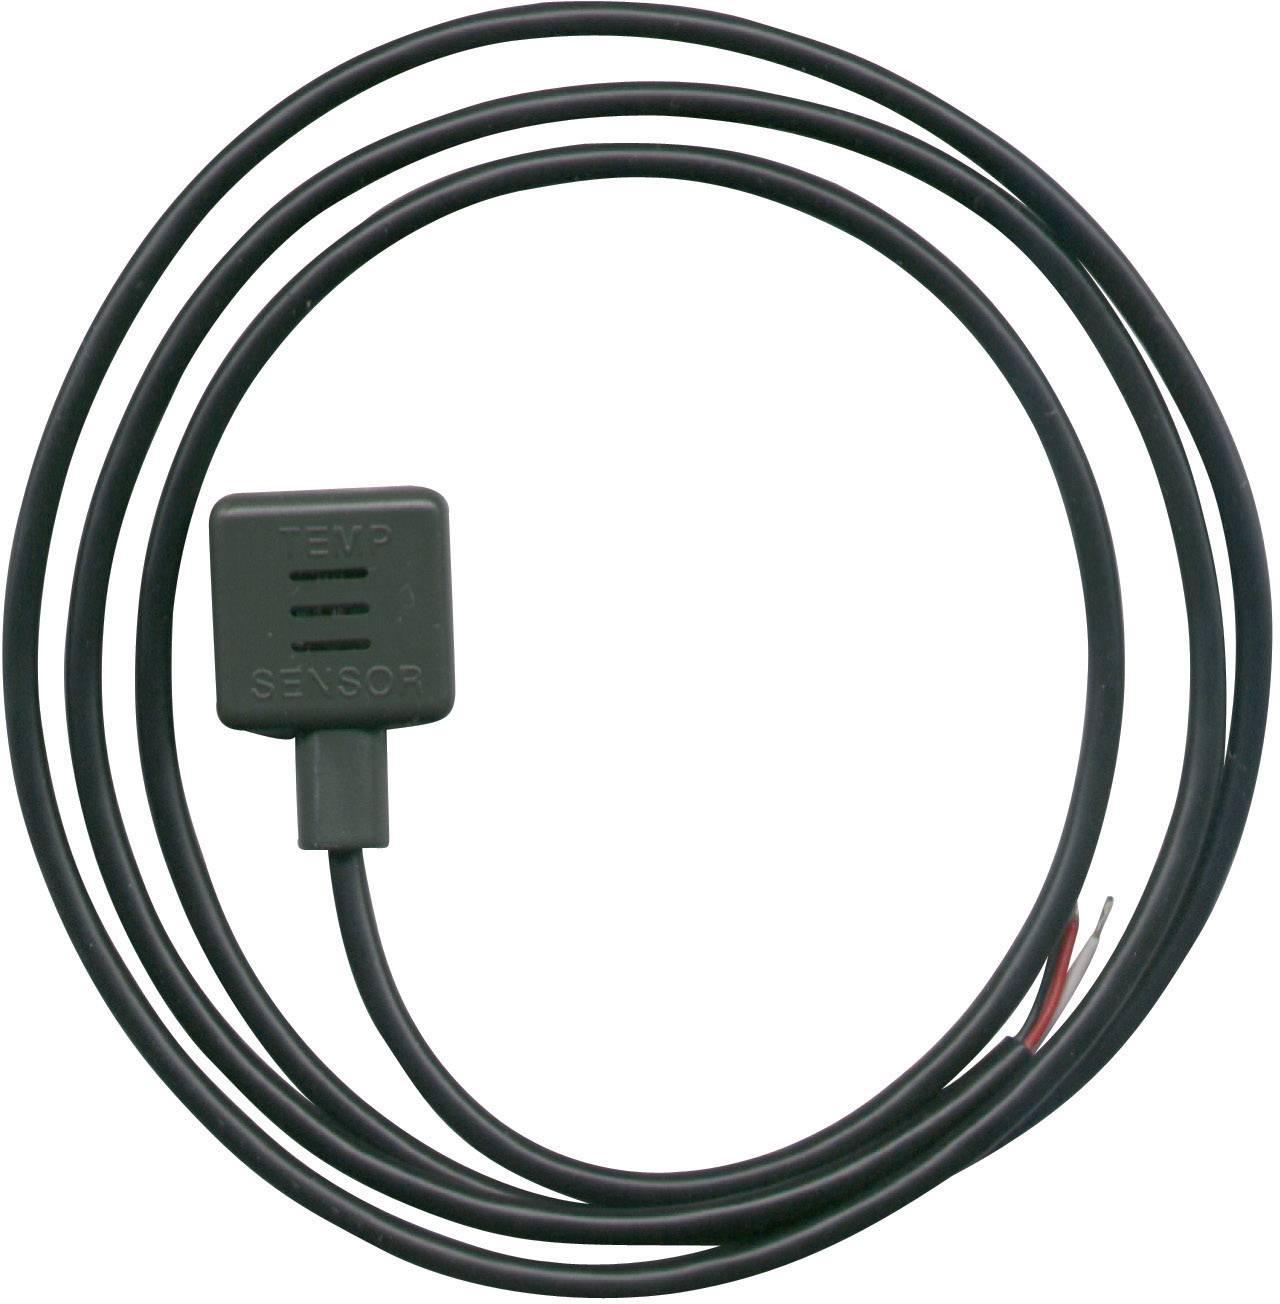 Teplotní senzor pro GX105 (198888) / GX106 (196666)